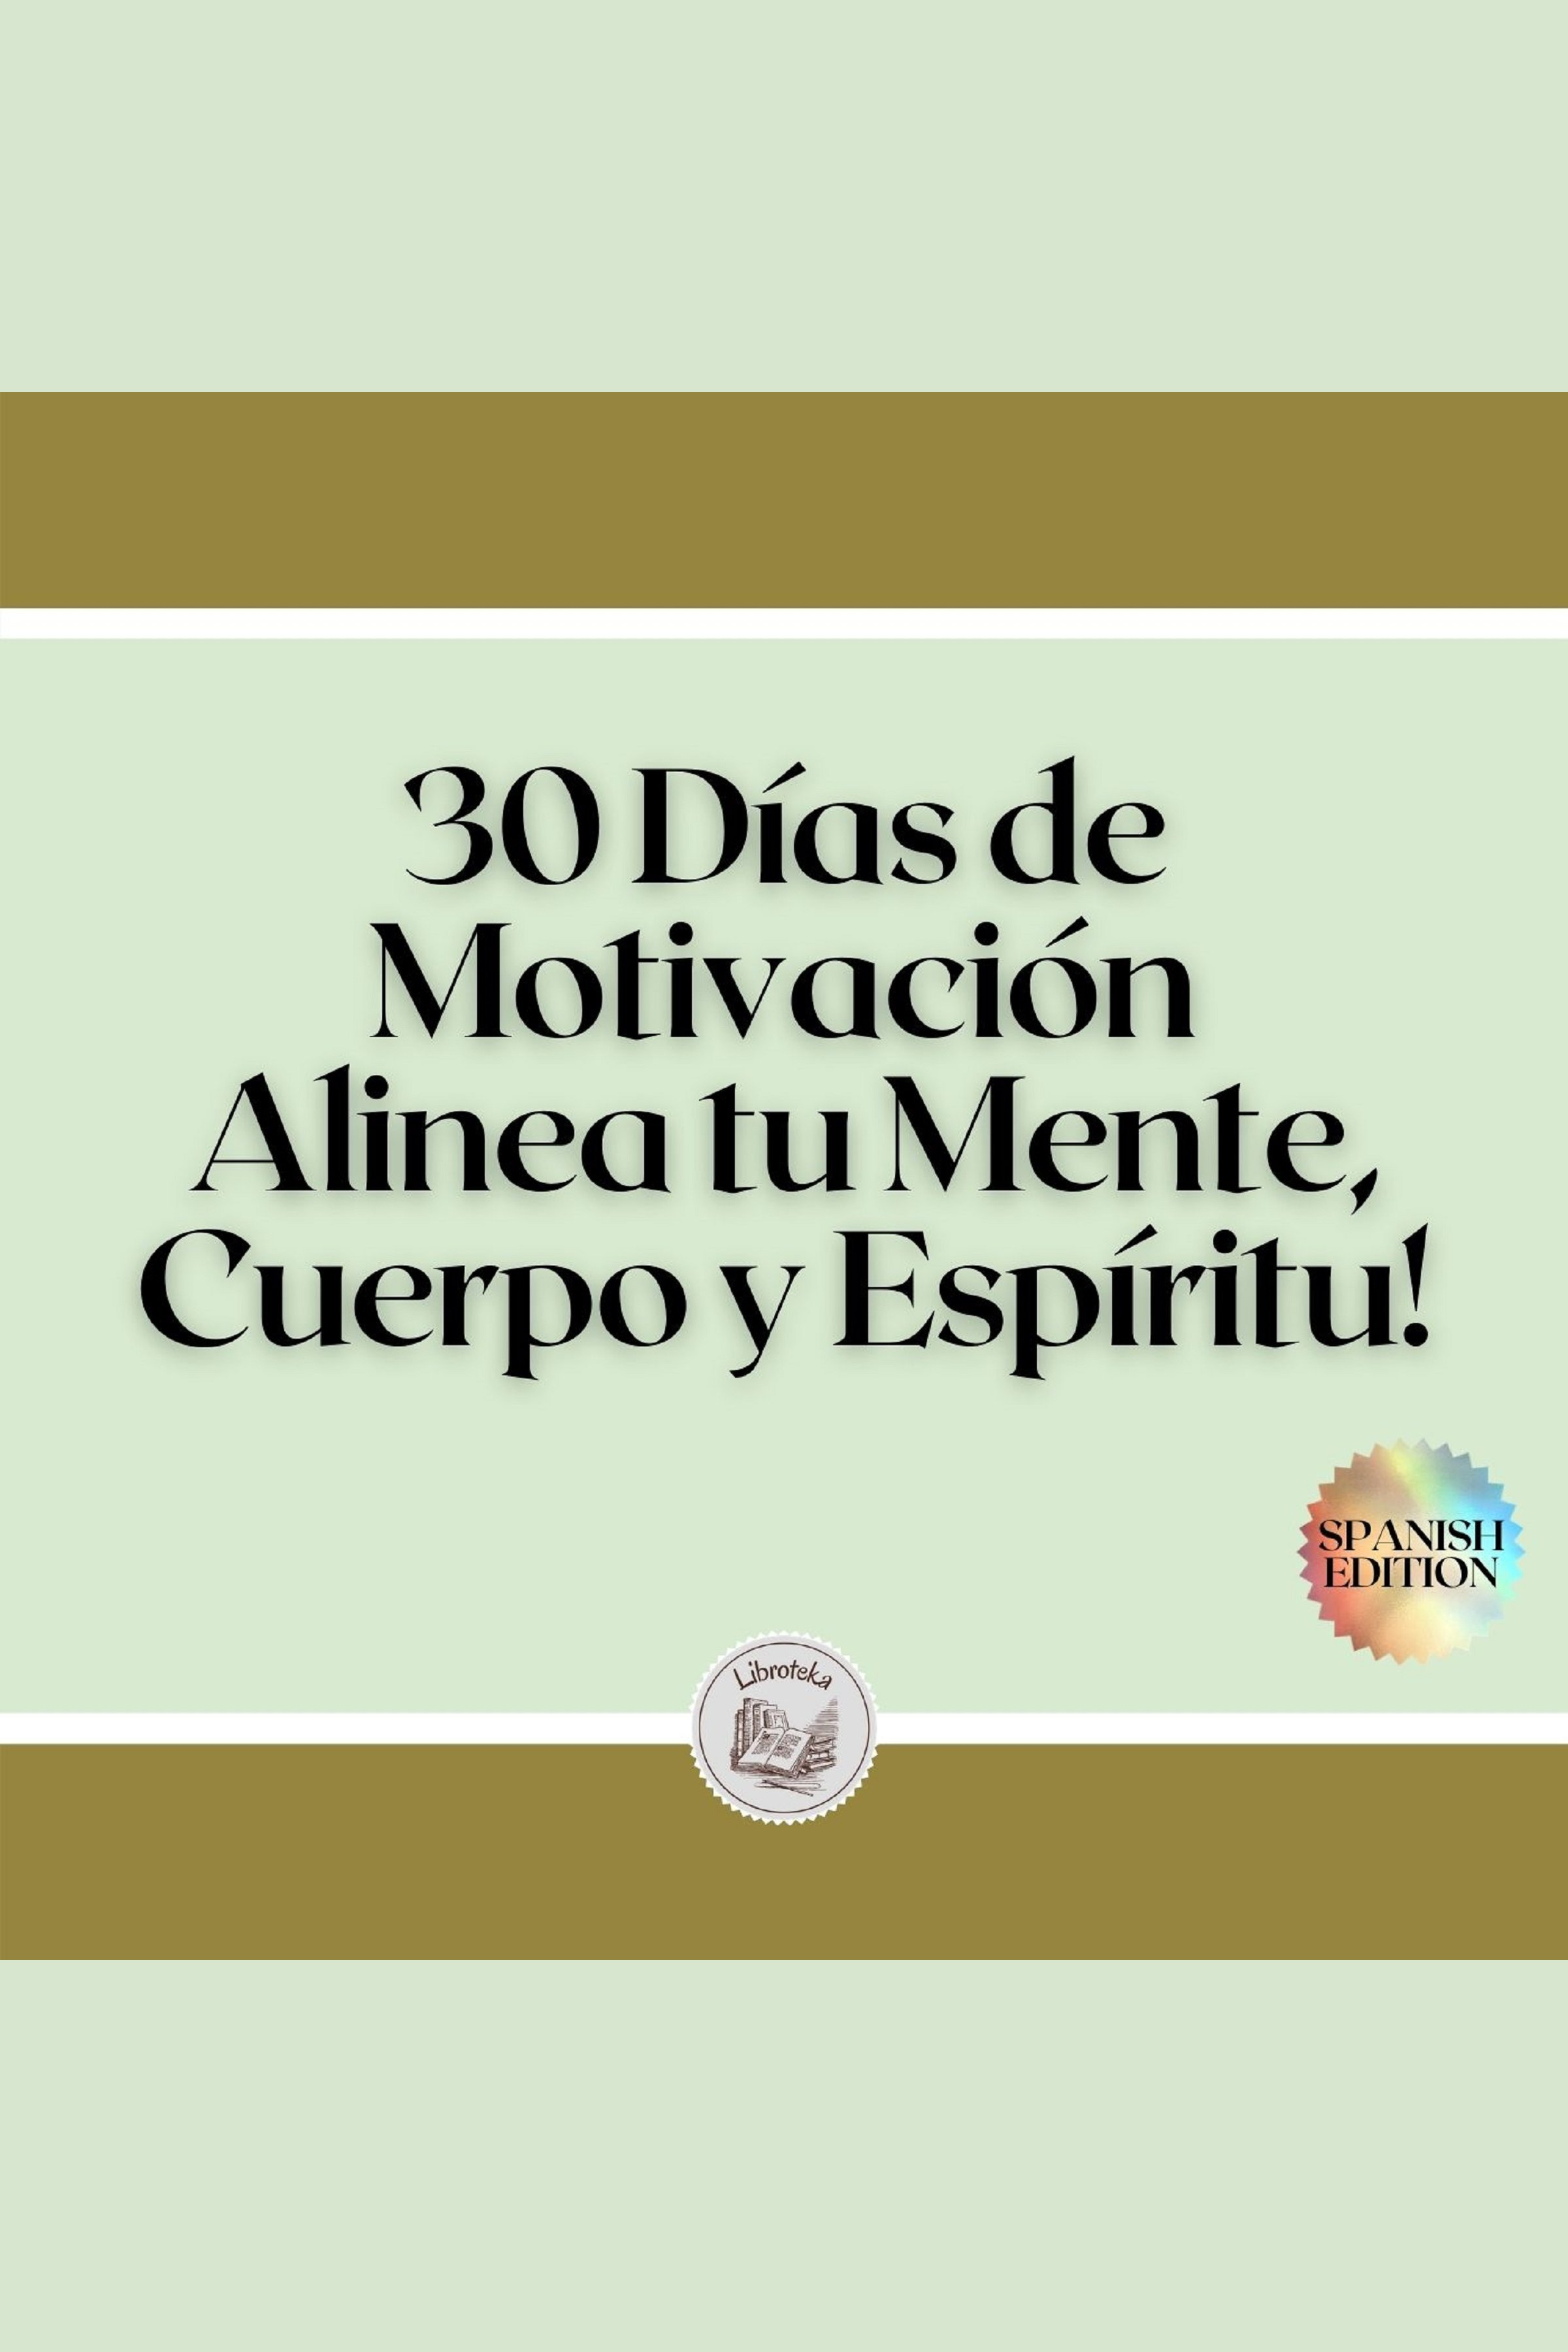 Esta es la portada del audiolibro 30 Días de Motivación: Alinea tu Mente, Cuerpo y Espíritu!